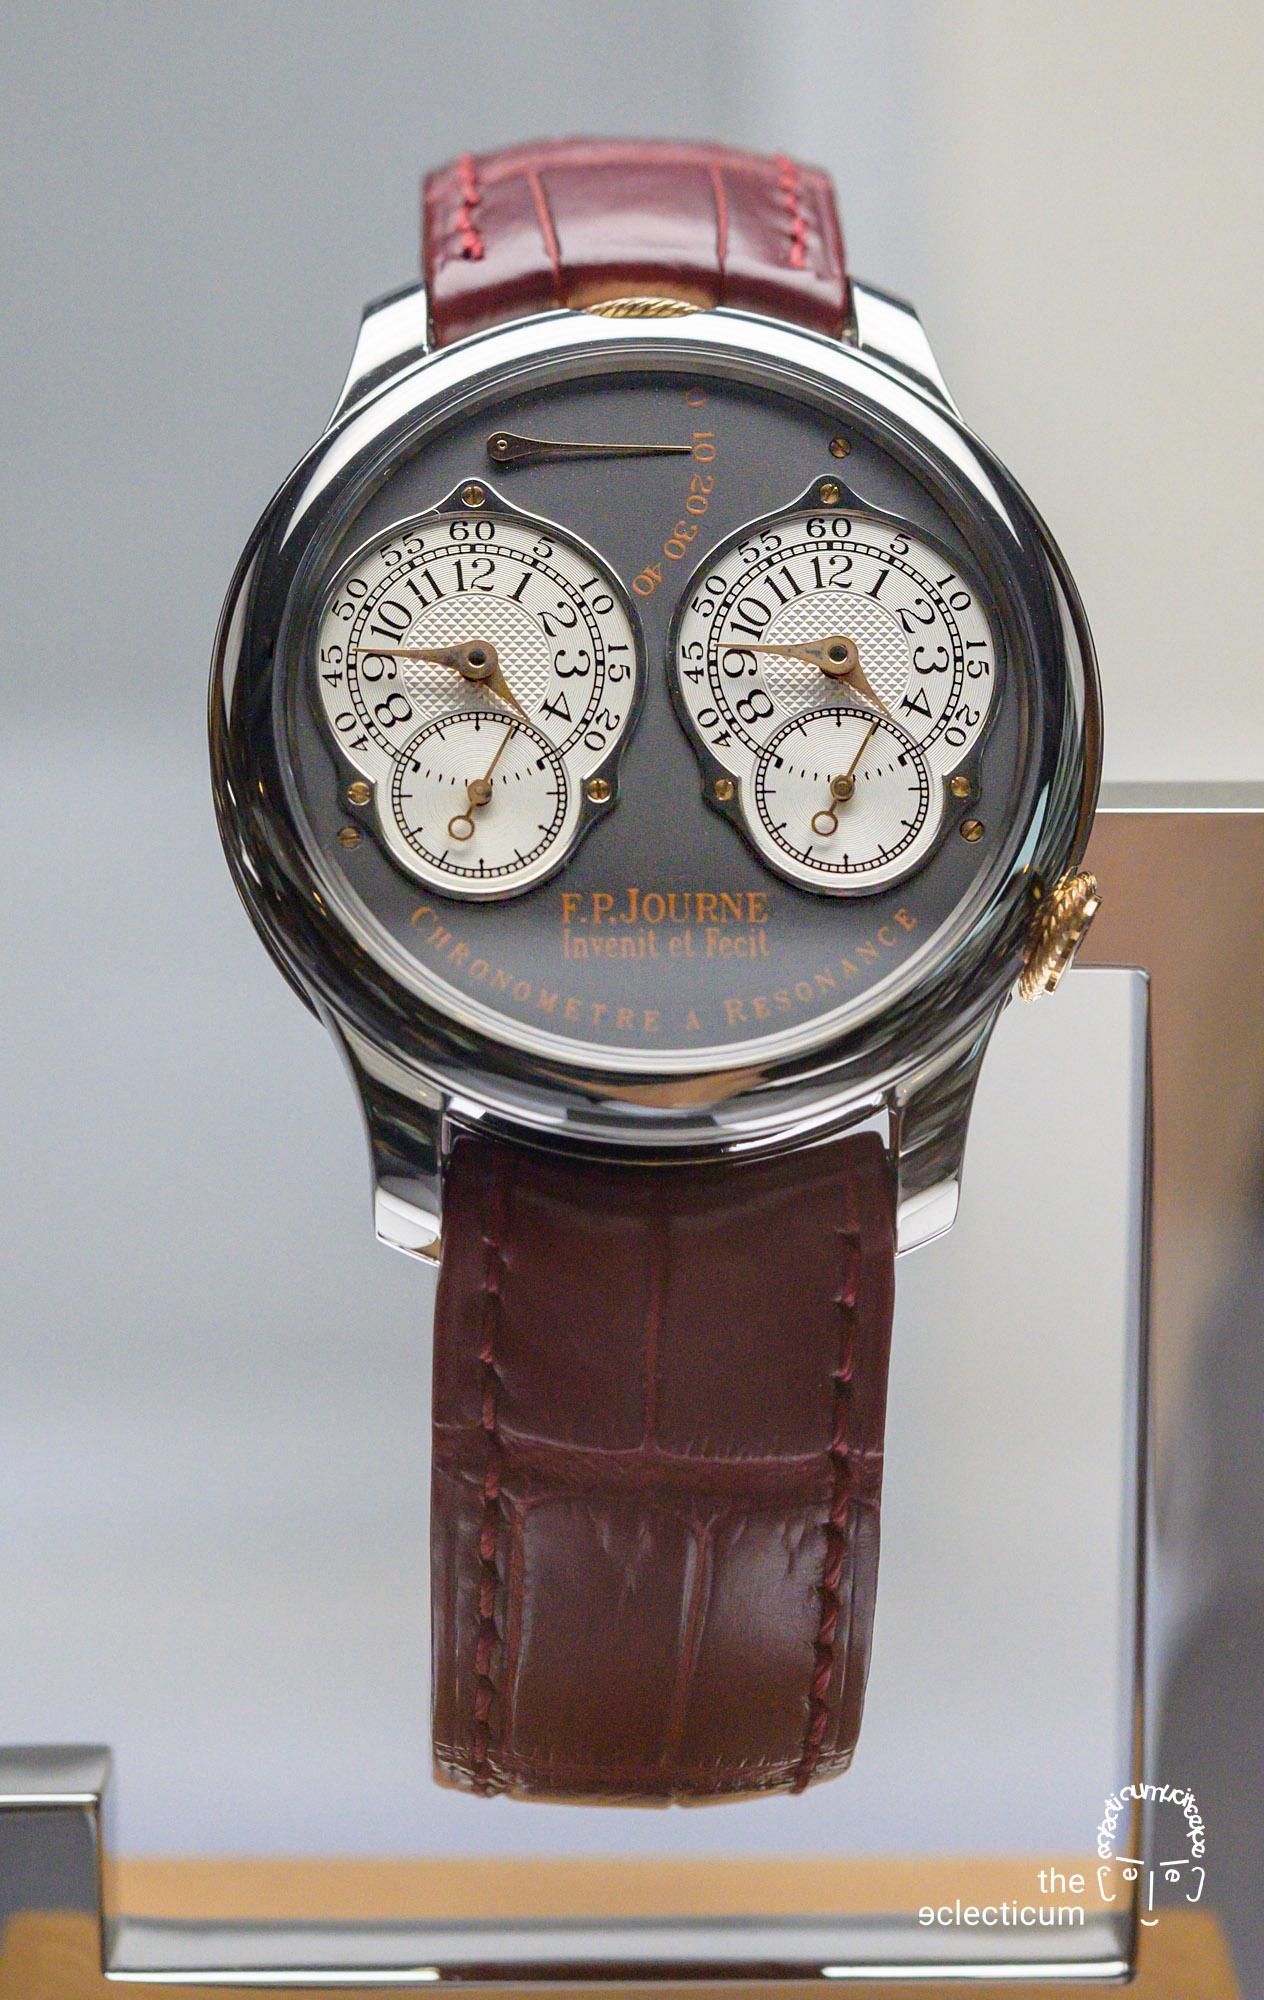 Francois-Paul Journe Chronomètre à Résonance Series 2 Tokyo Boutique Ruthenium dial titaniium